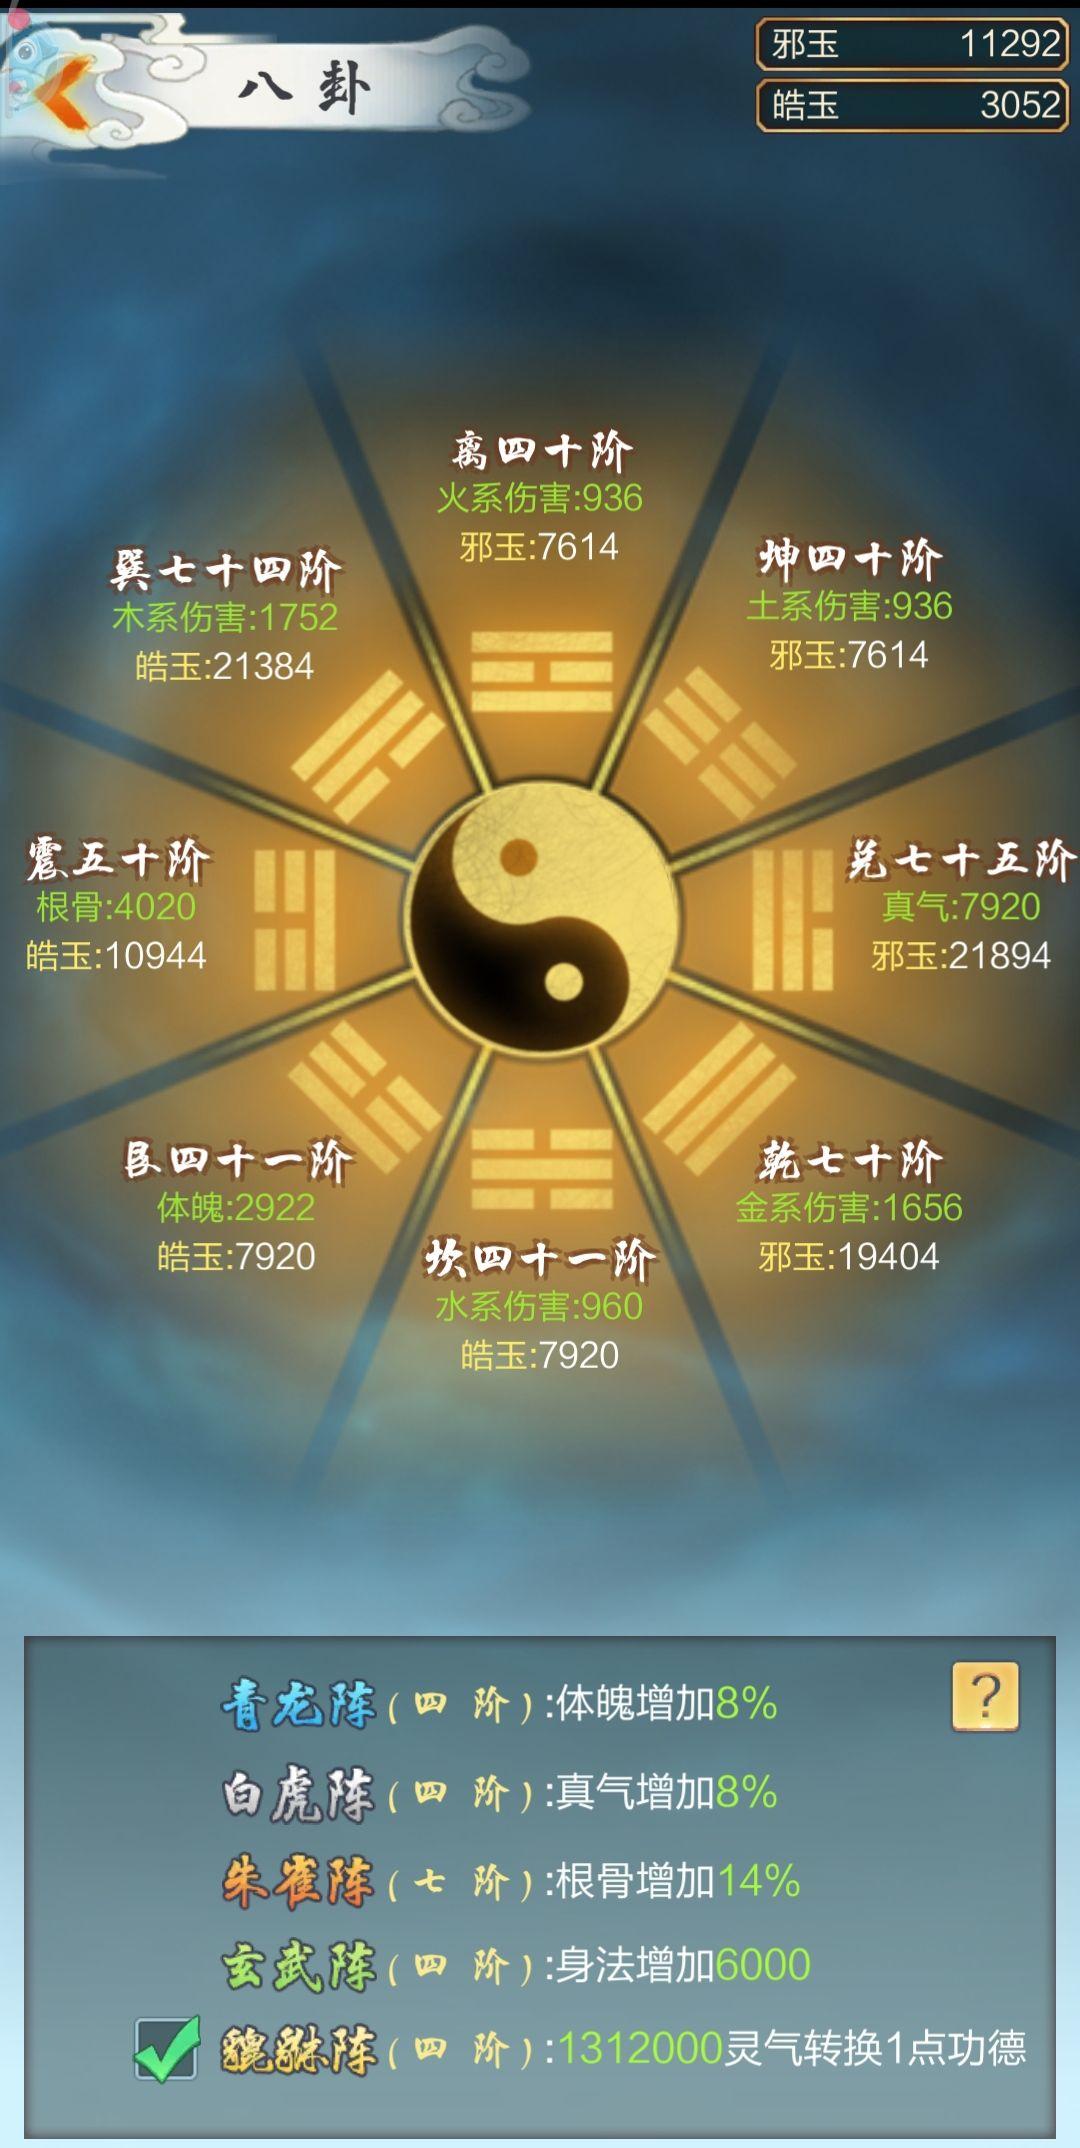 玄元剑仙飞升仙界游历怎么玩?仙界游历攻略大全超详细